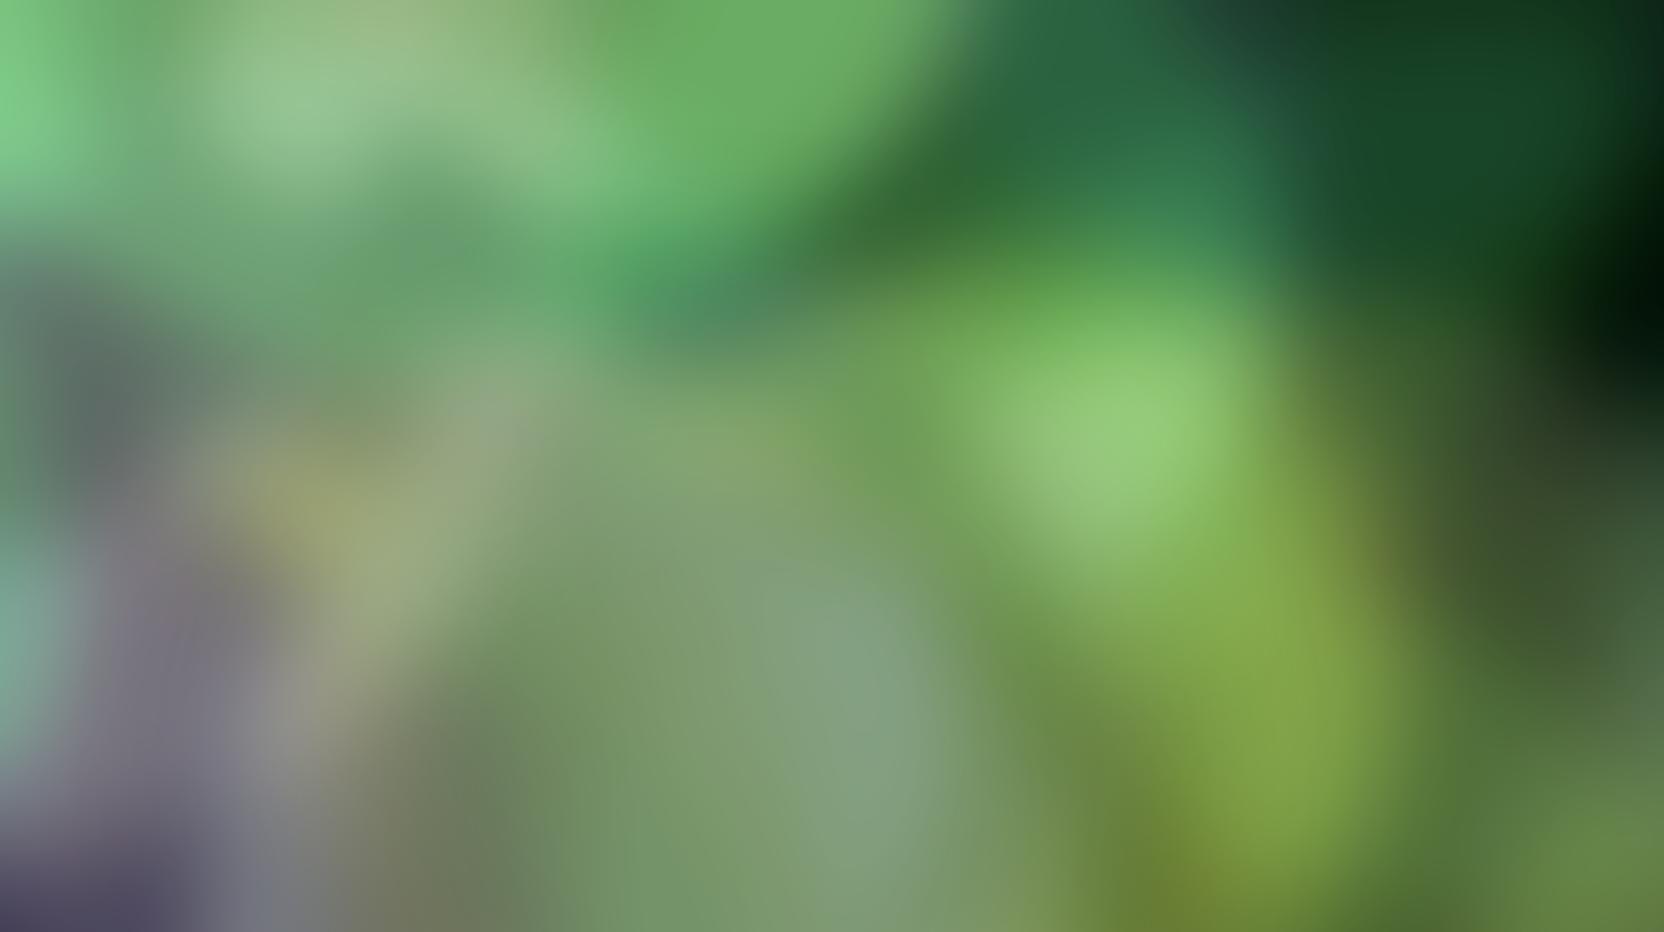 Blurred Green Circles Footer Arizona Junk Removal